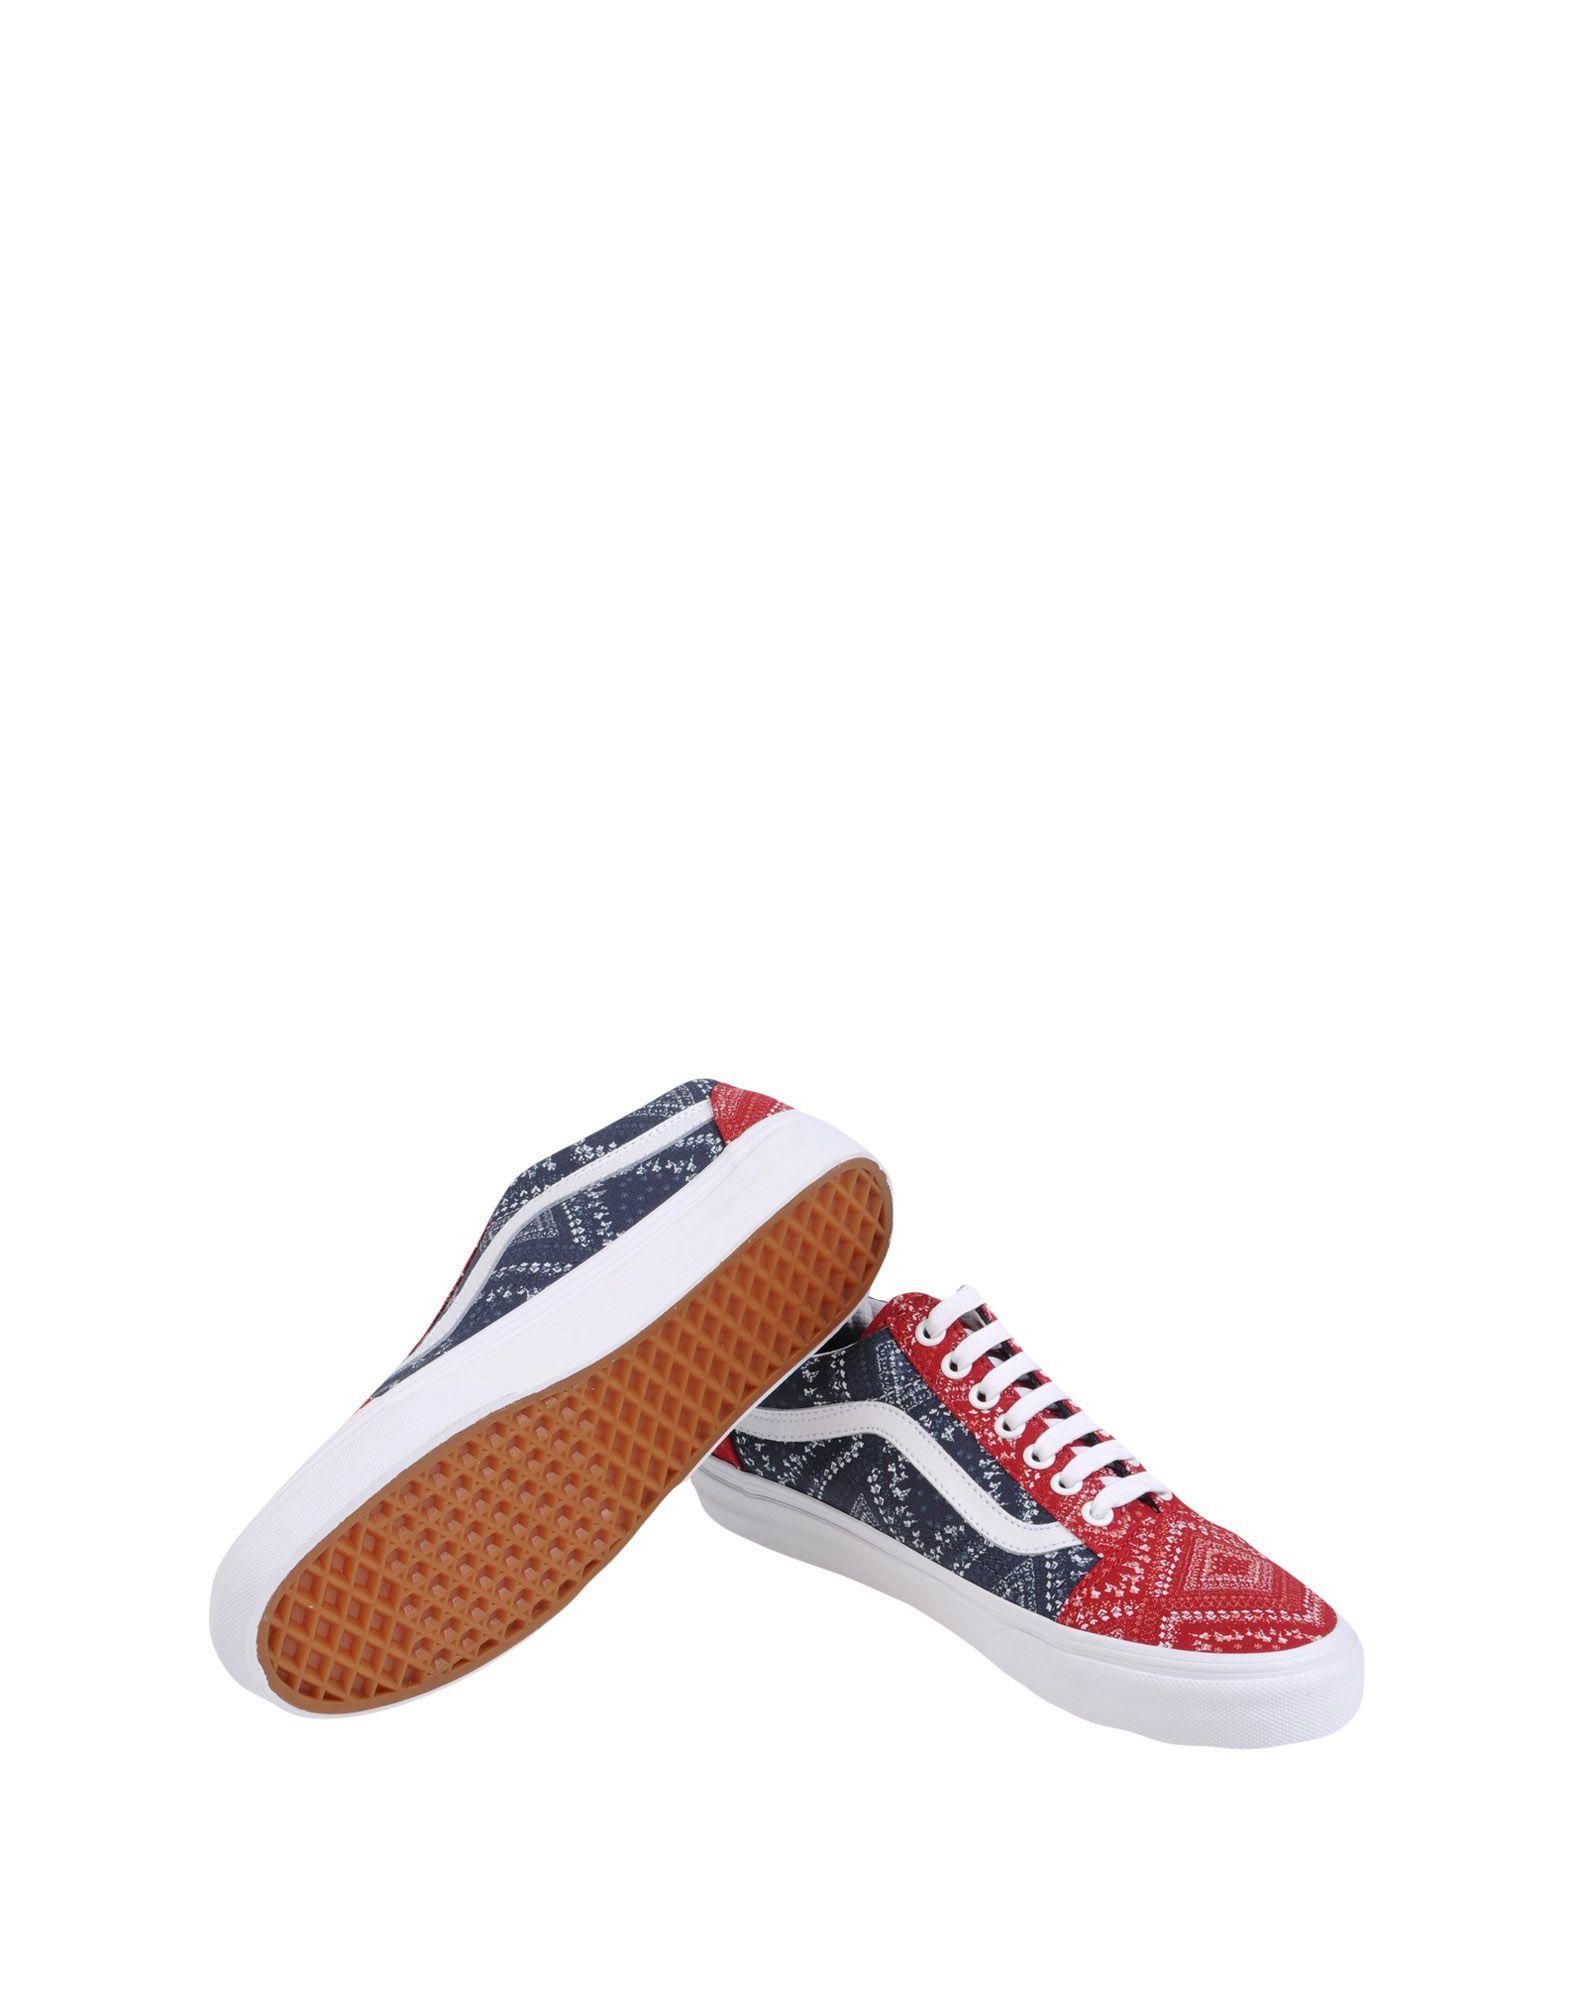 Sneakers Vans U Old Skool Ditsy Bandana - Femme - Sneakers Vans sur